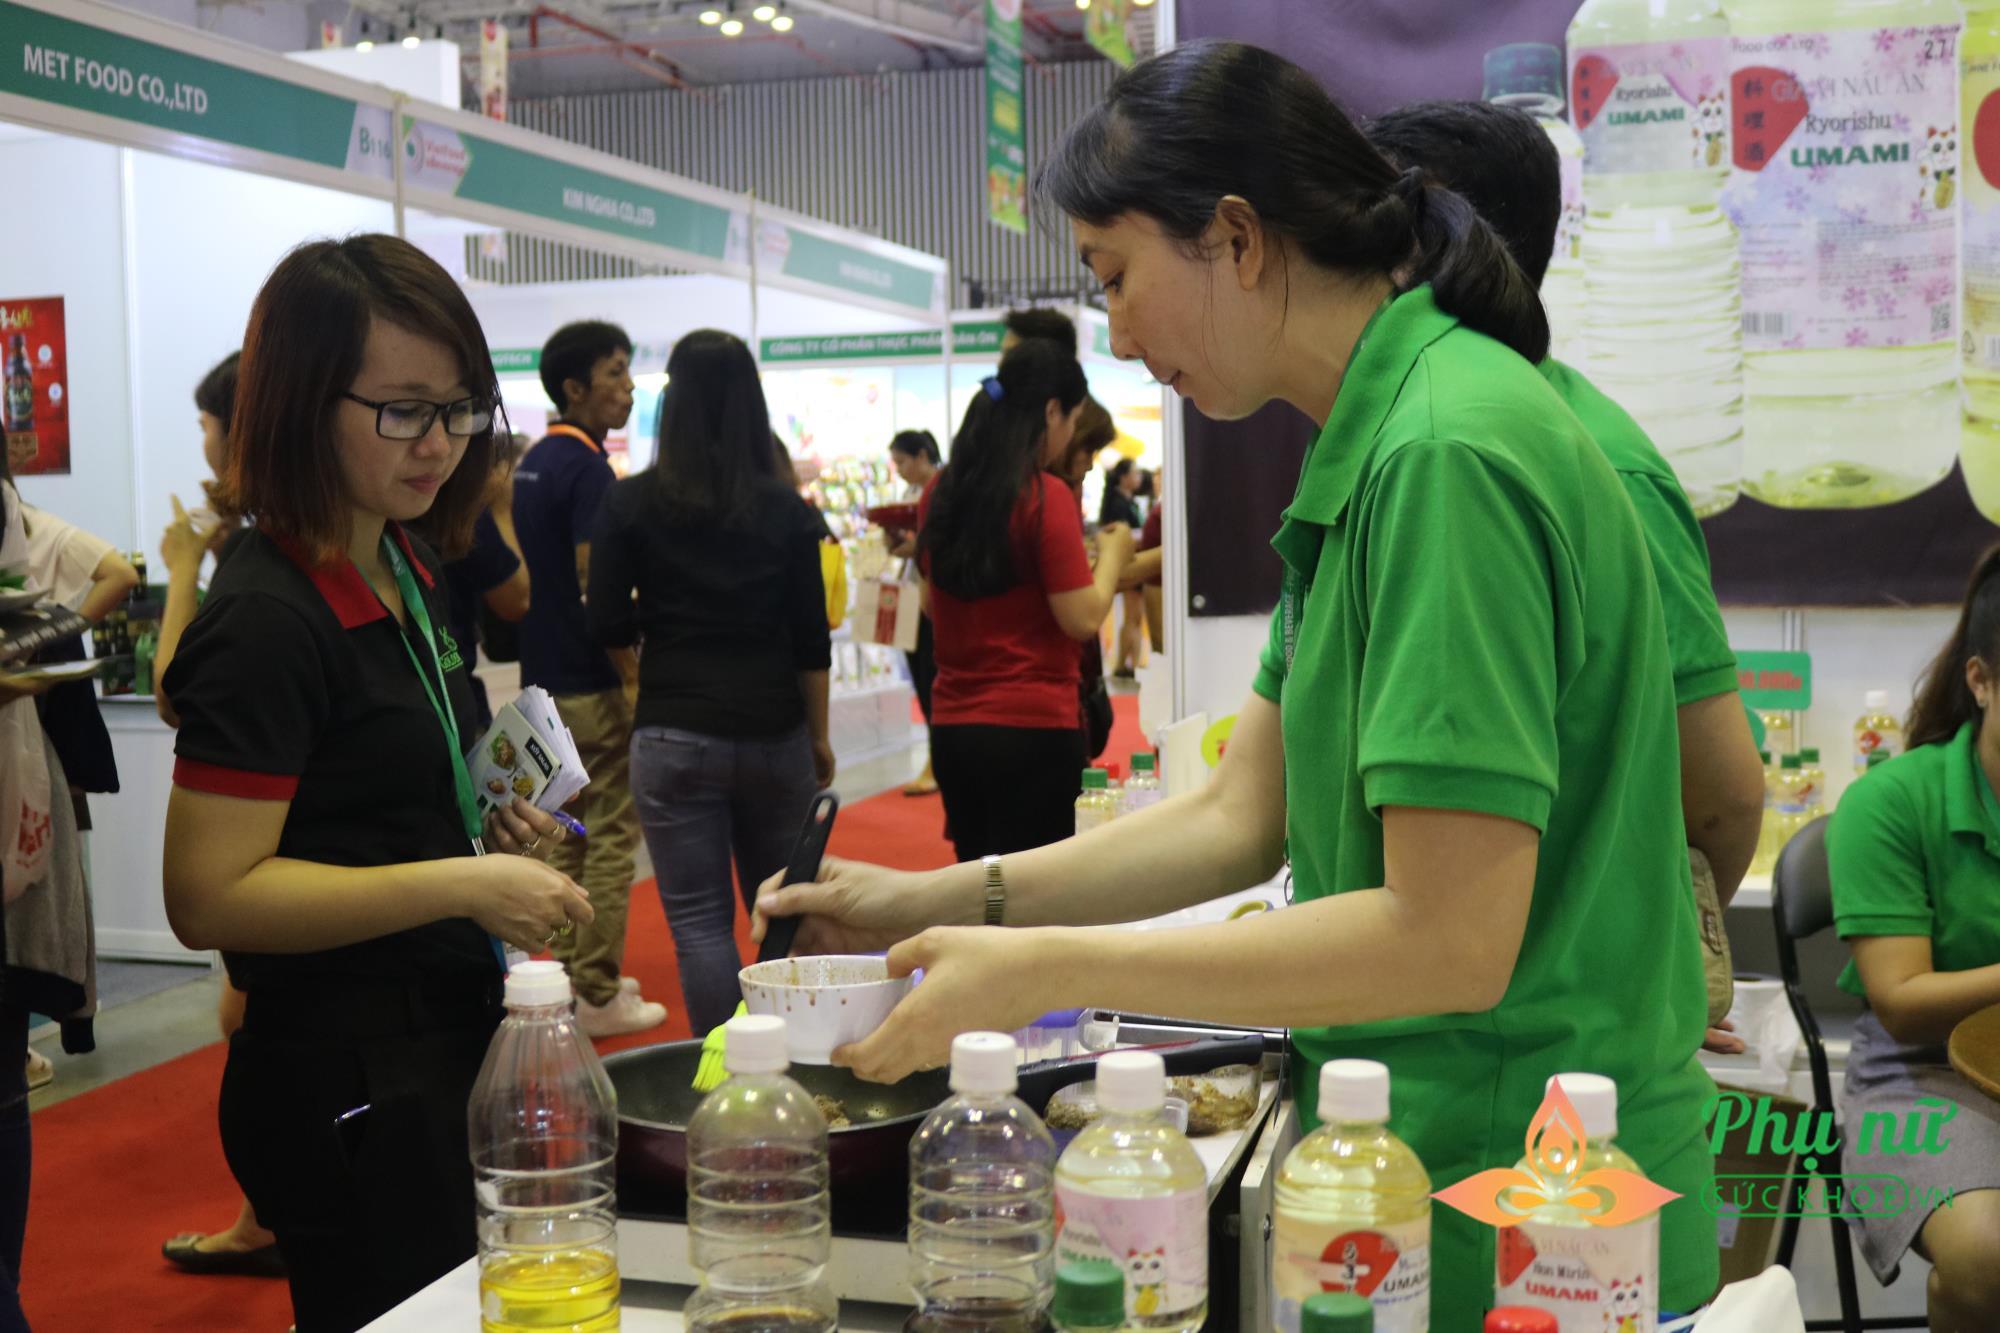 Đa dạng hóa việc lựa chọn các mặt hàng thực phẩm và thức uống của người dân trong thời công nghệ 4.0 - Ảnh 3